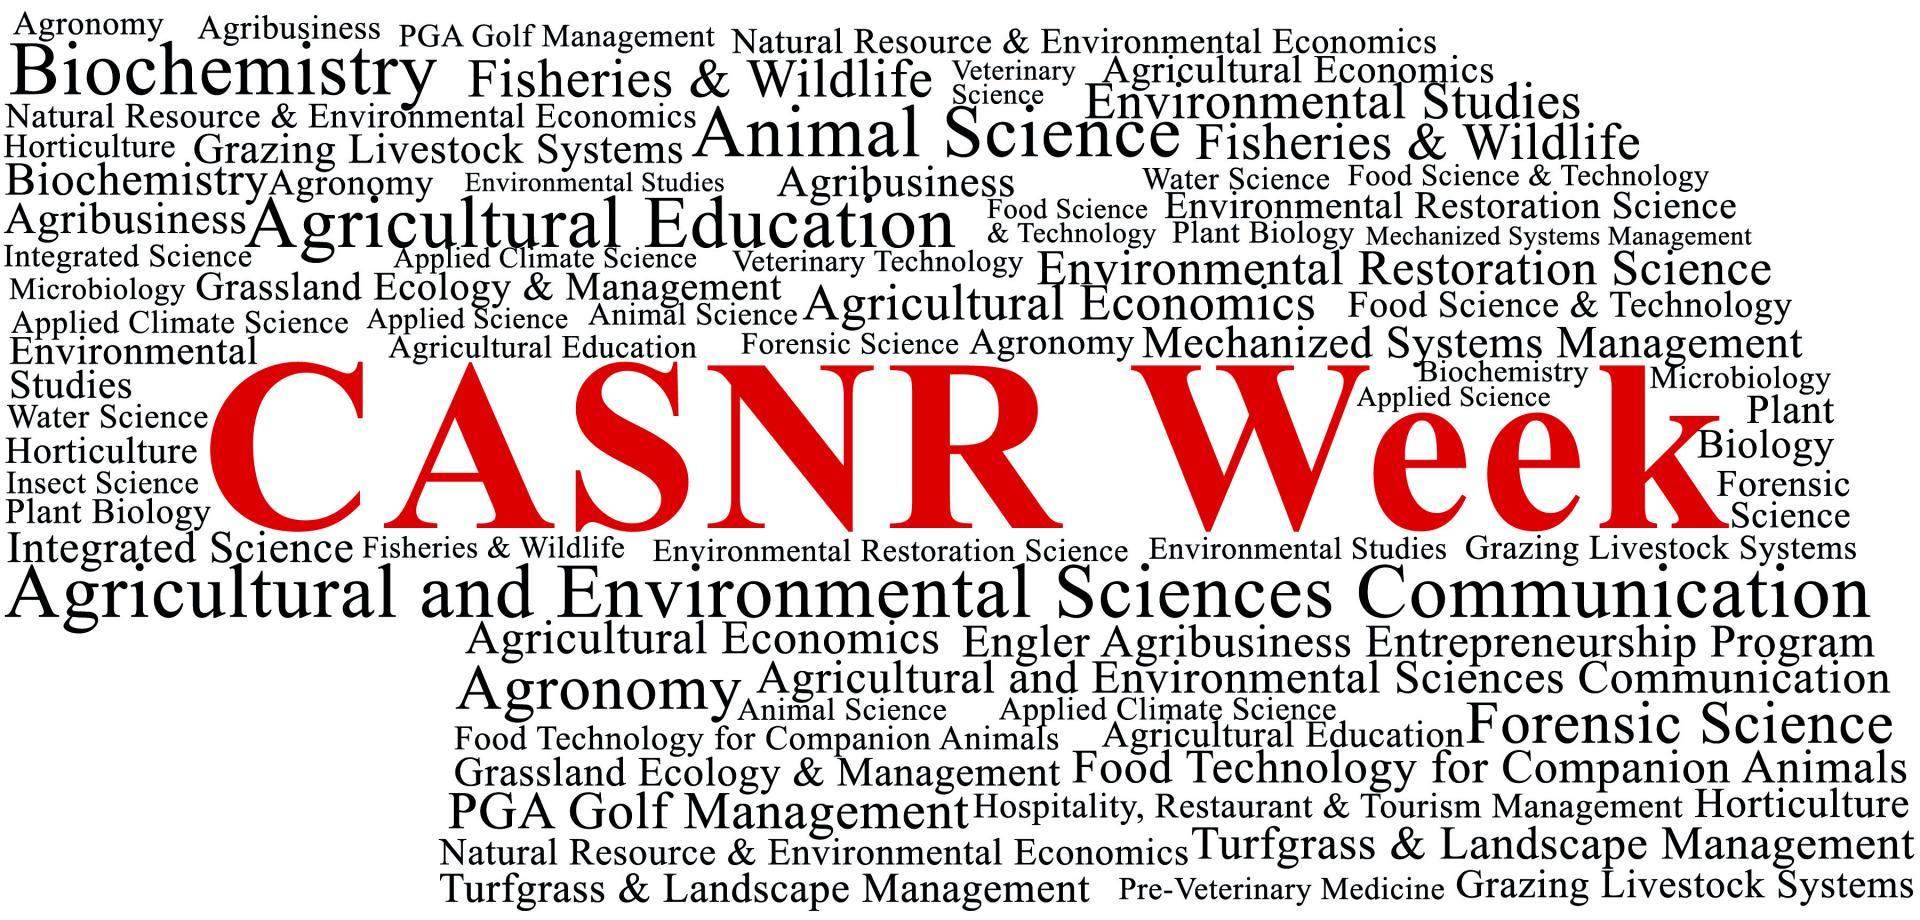 CASNR Week